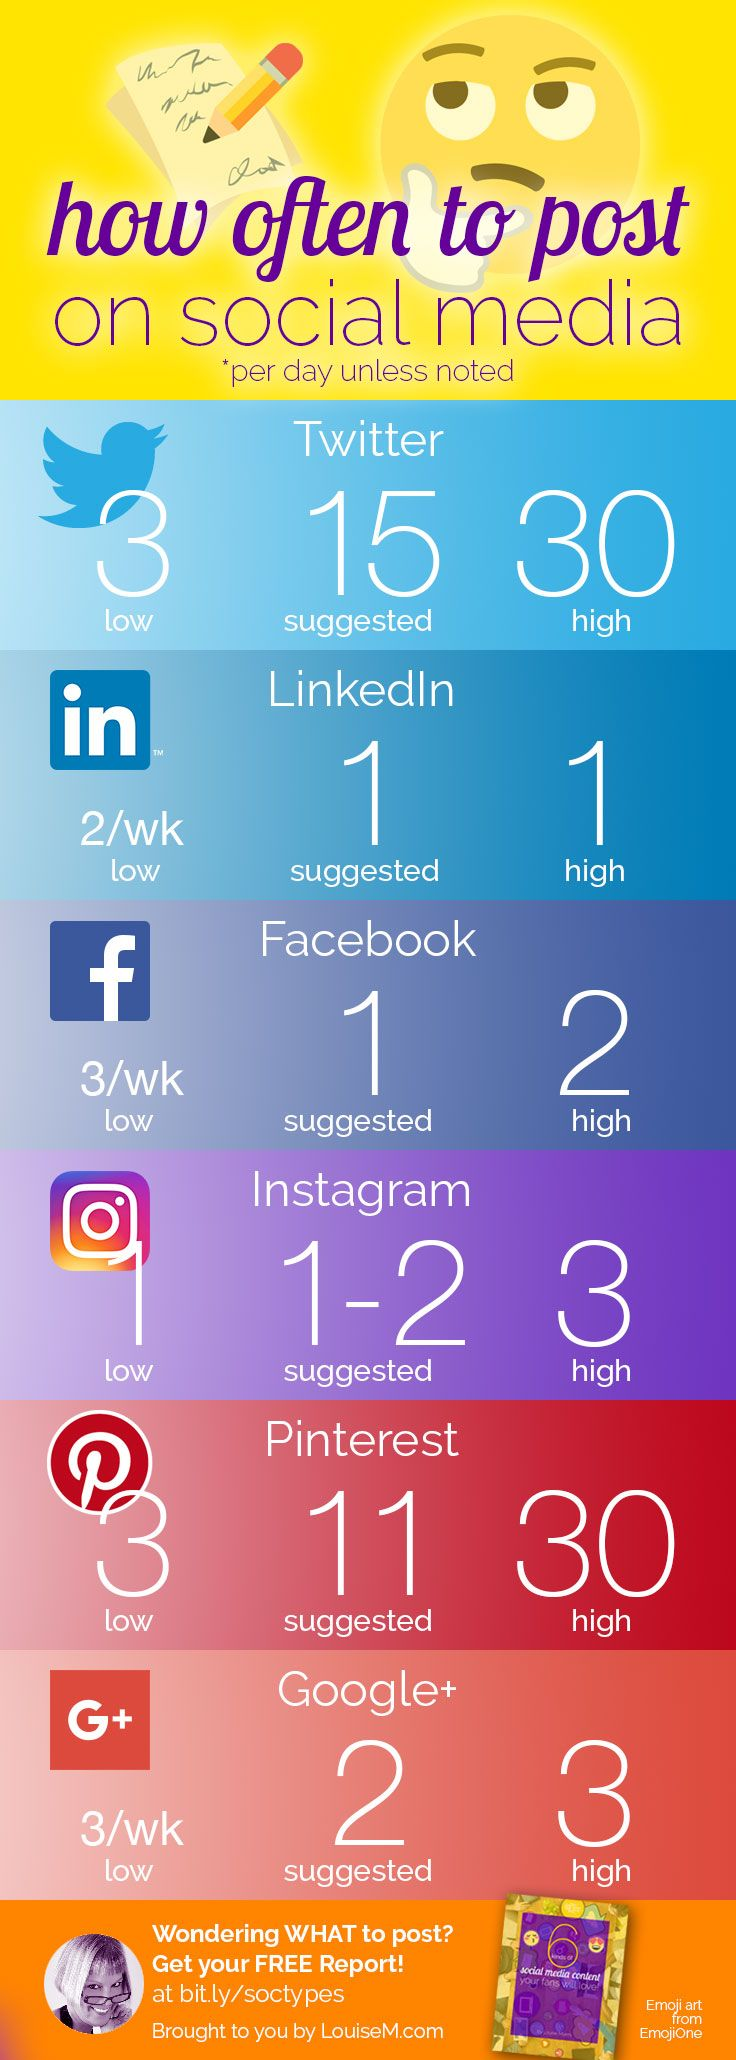 How Often To Post On Social Media [infographic] Media